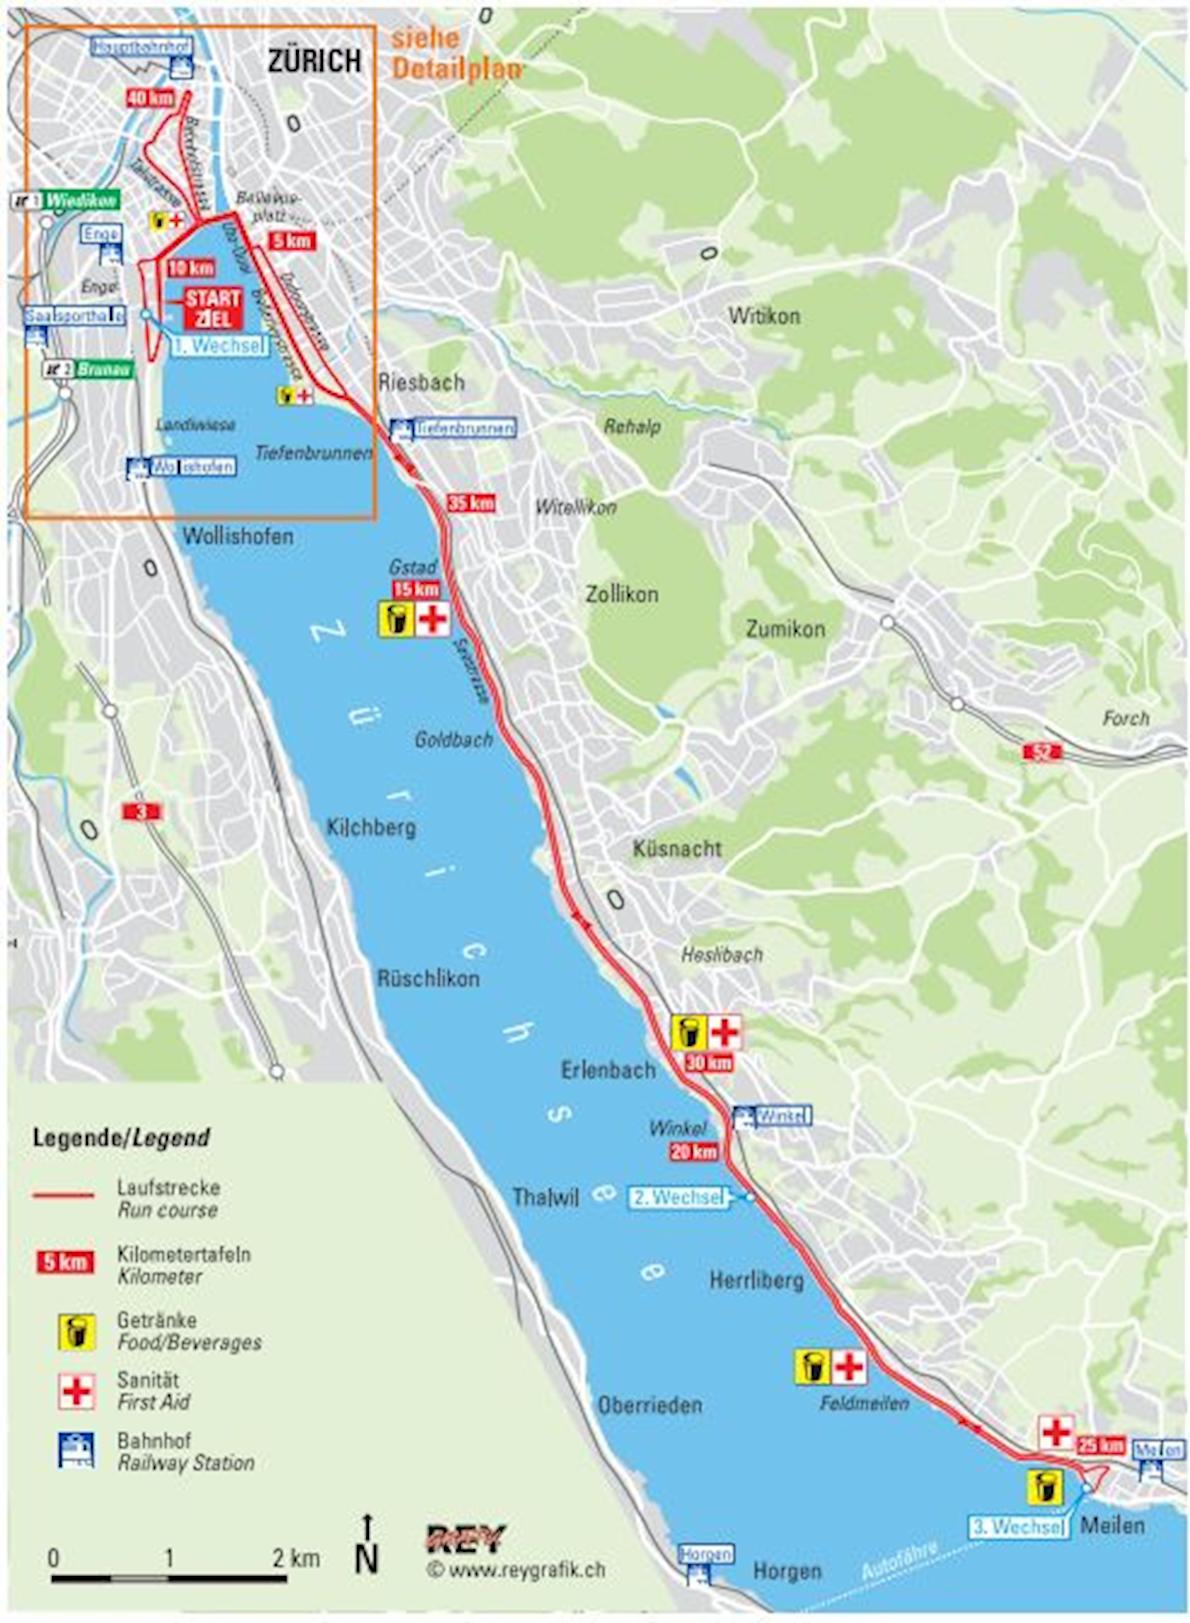 Zurich Marathon MAPA DEL RECORRIDO DE